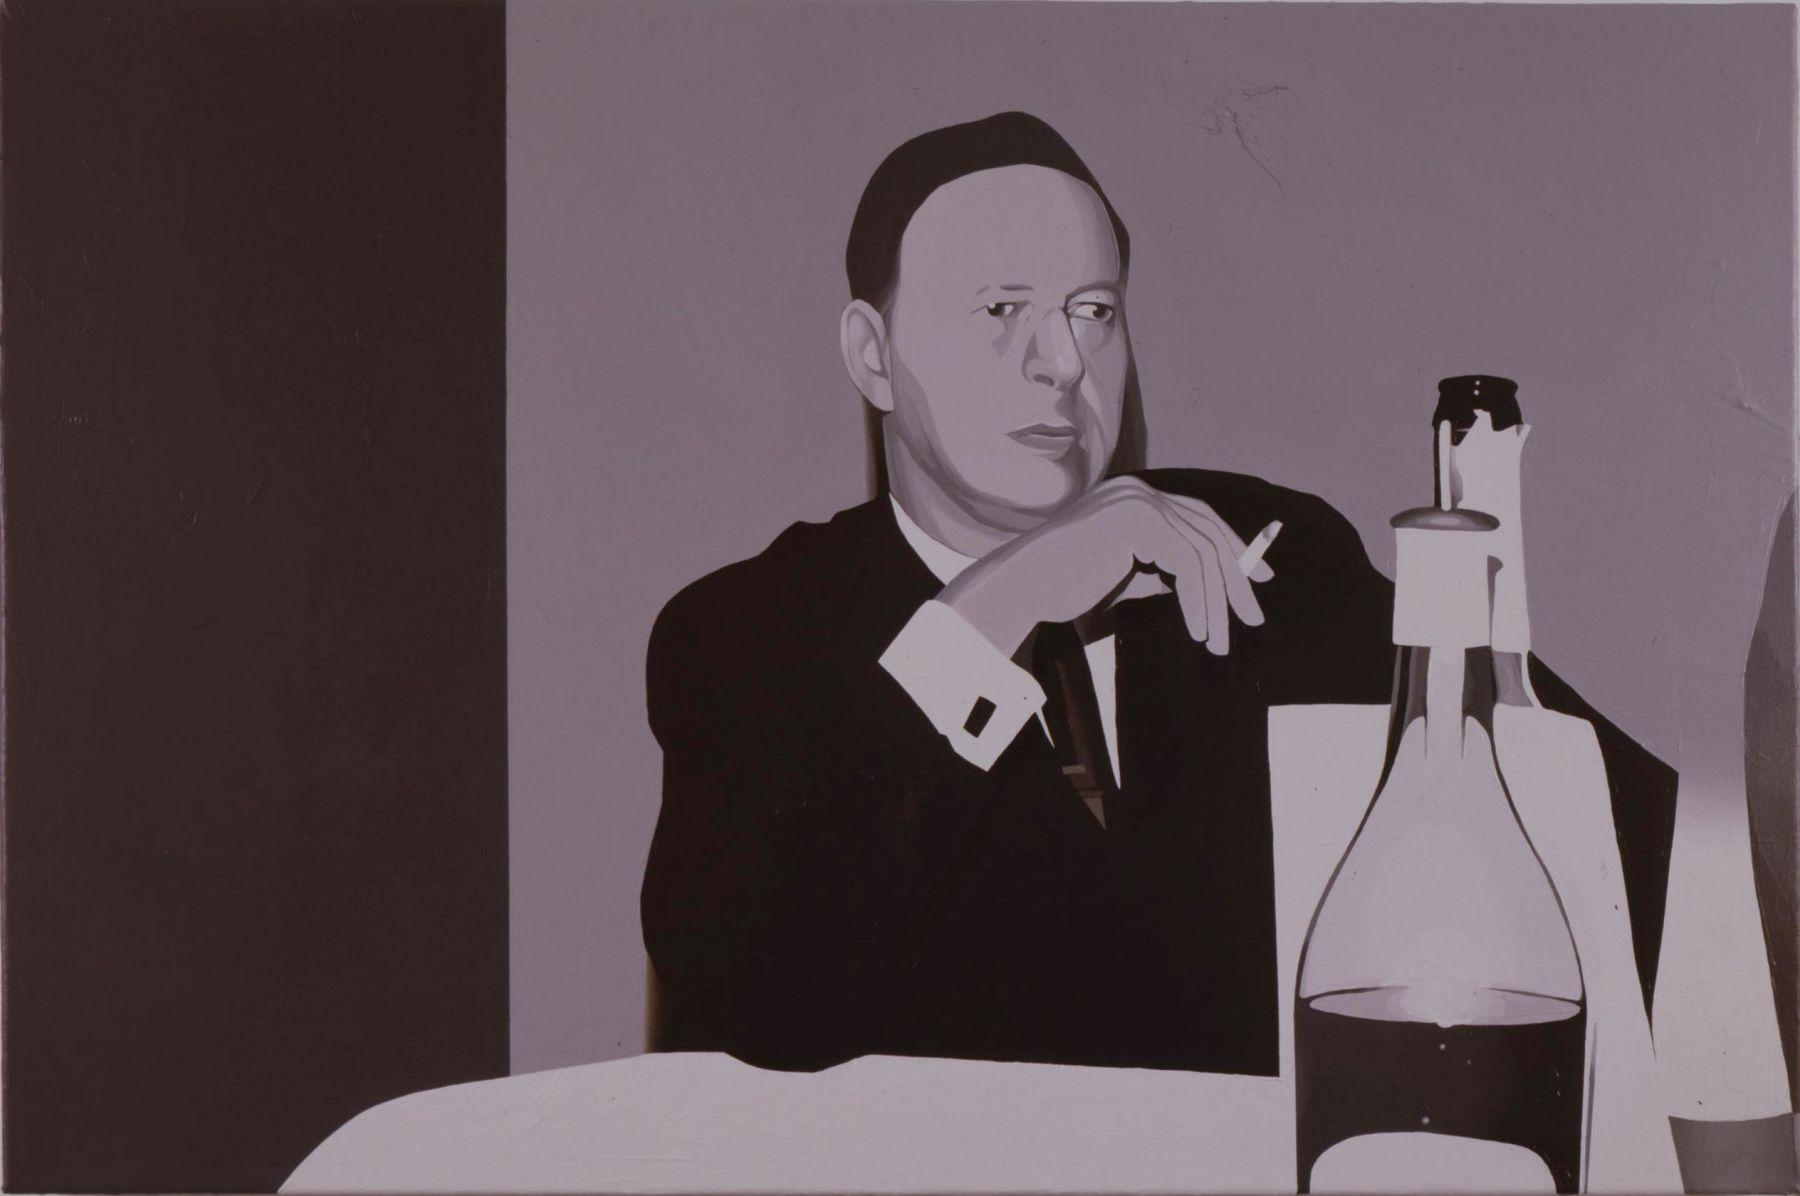 Franziska Holstein, Man with Cigarette (Mann mit Zigarette), 2006